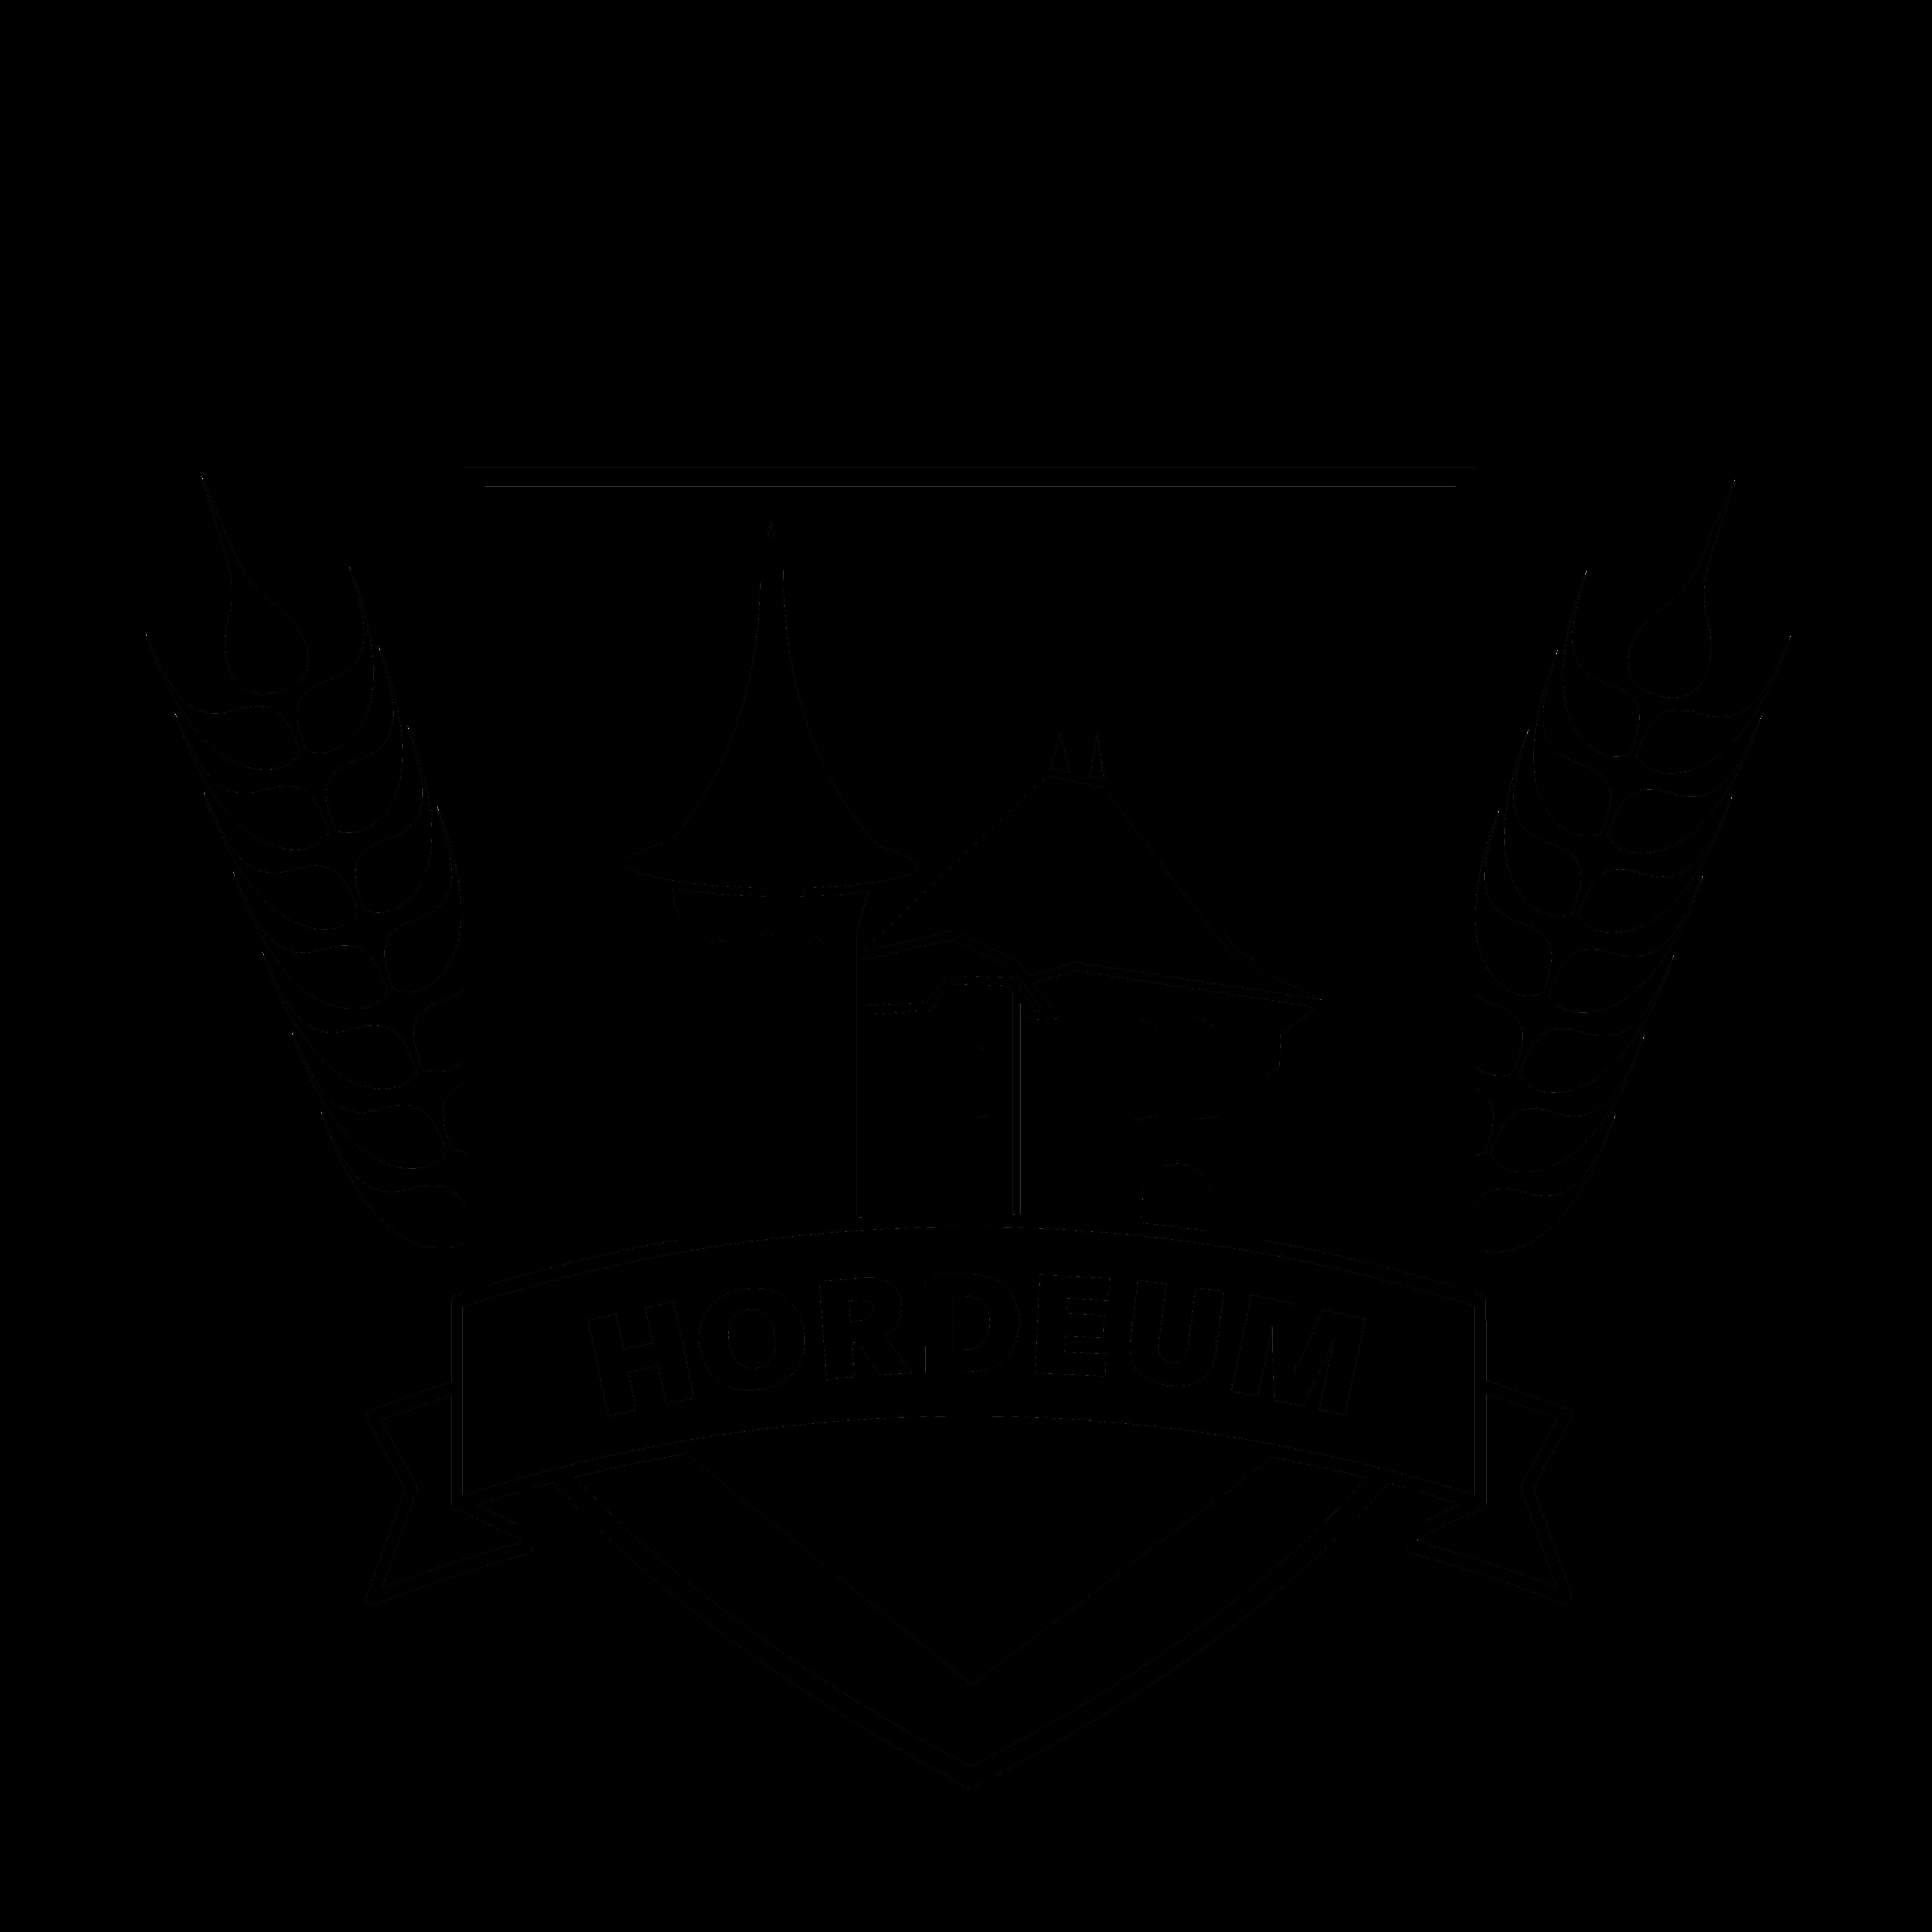 logo hordeum